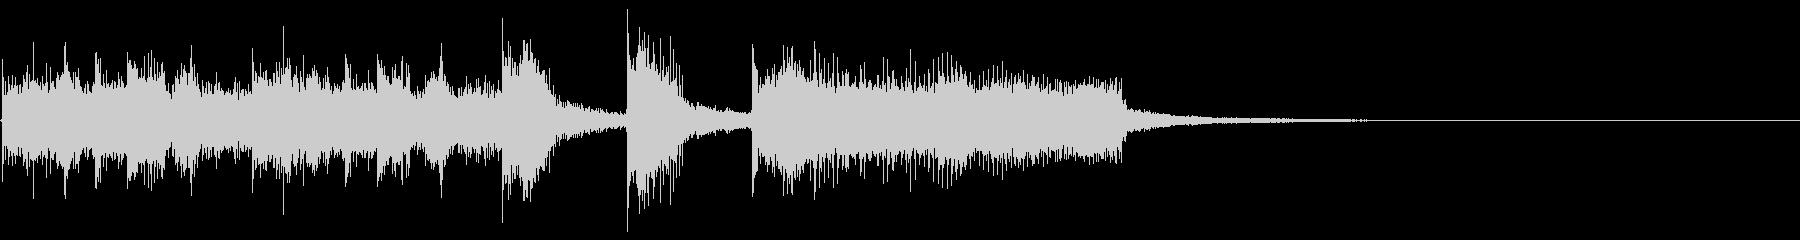 ジングル・アイキャッチ_Aの未再生の波形